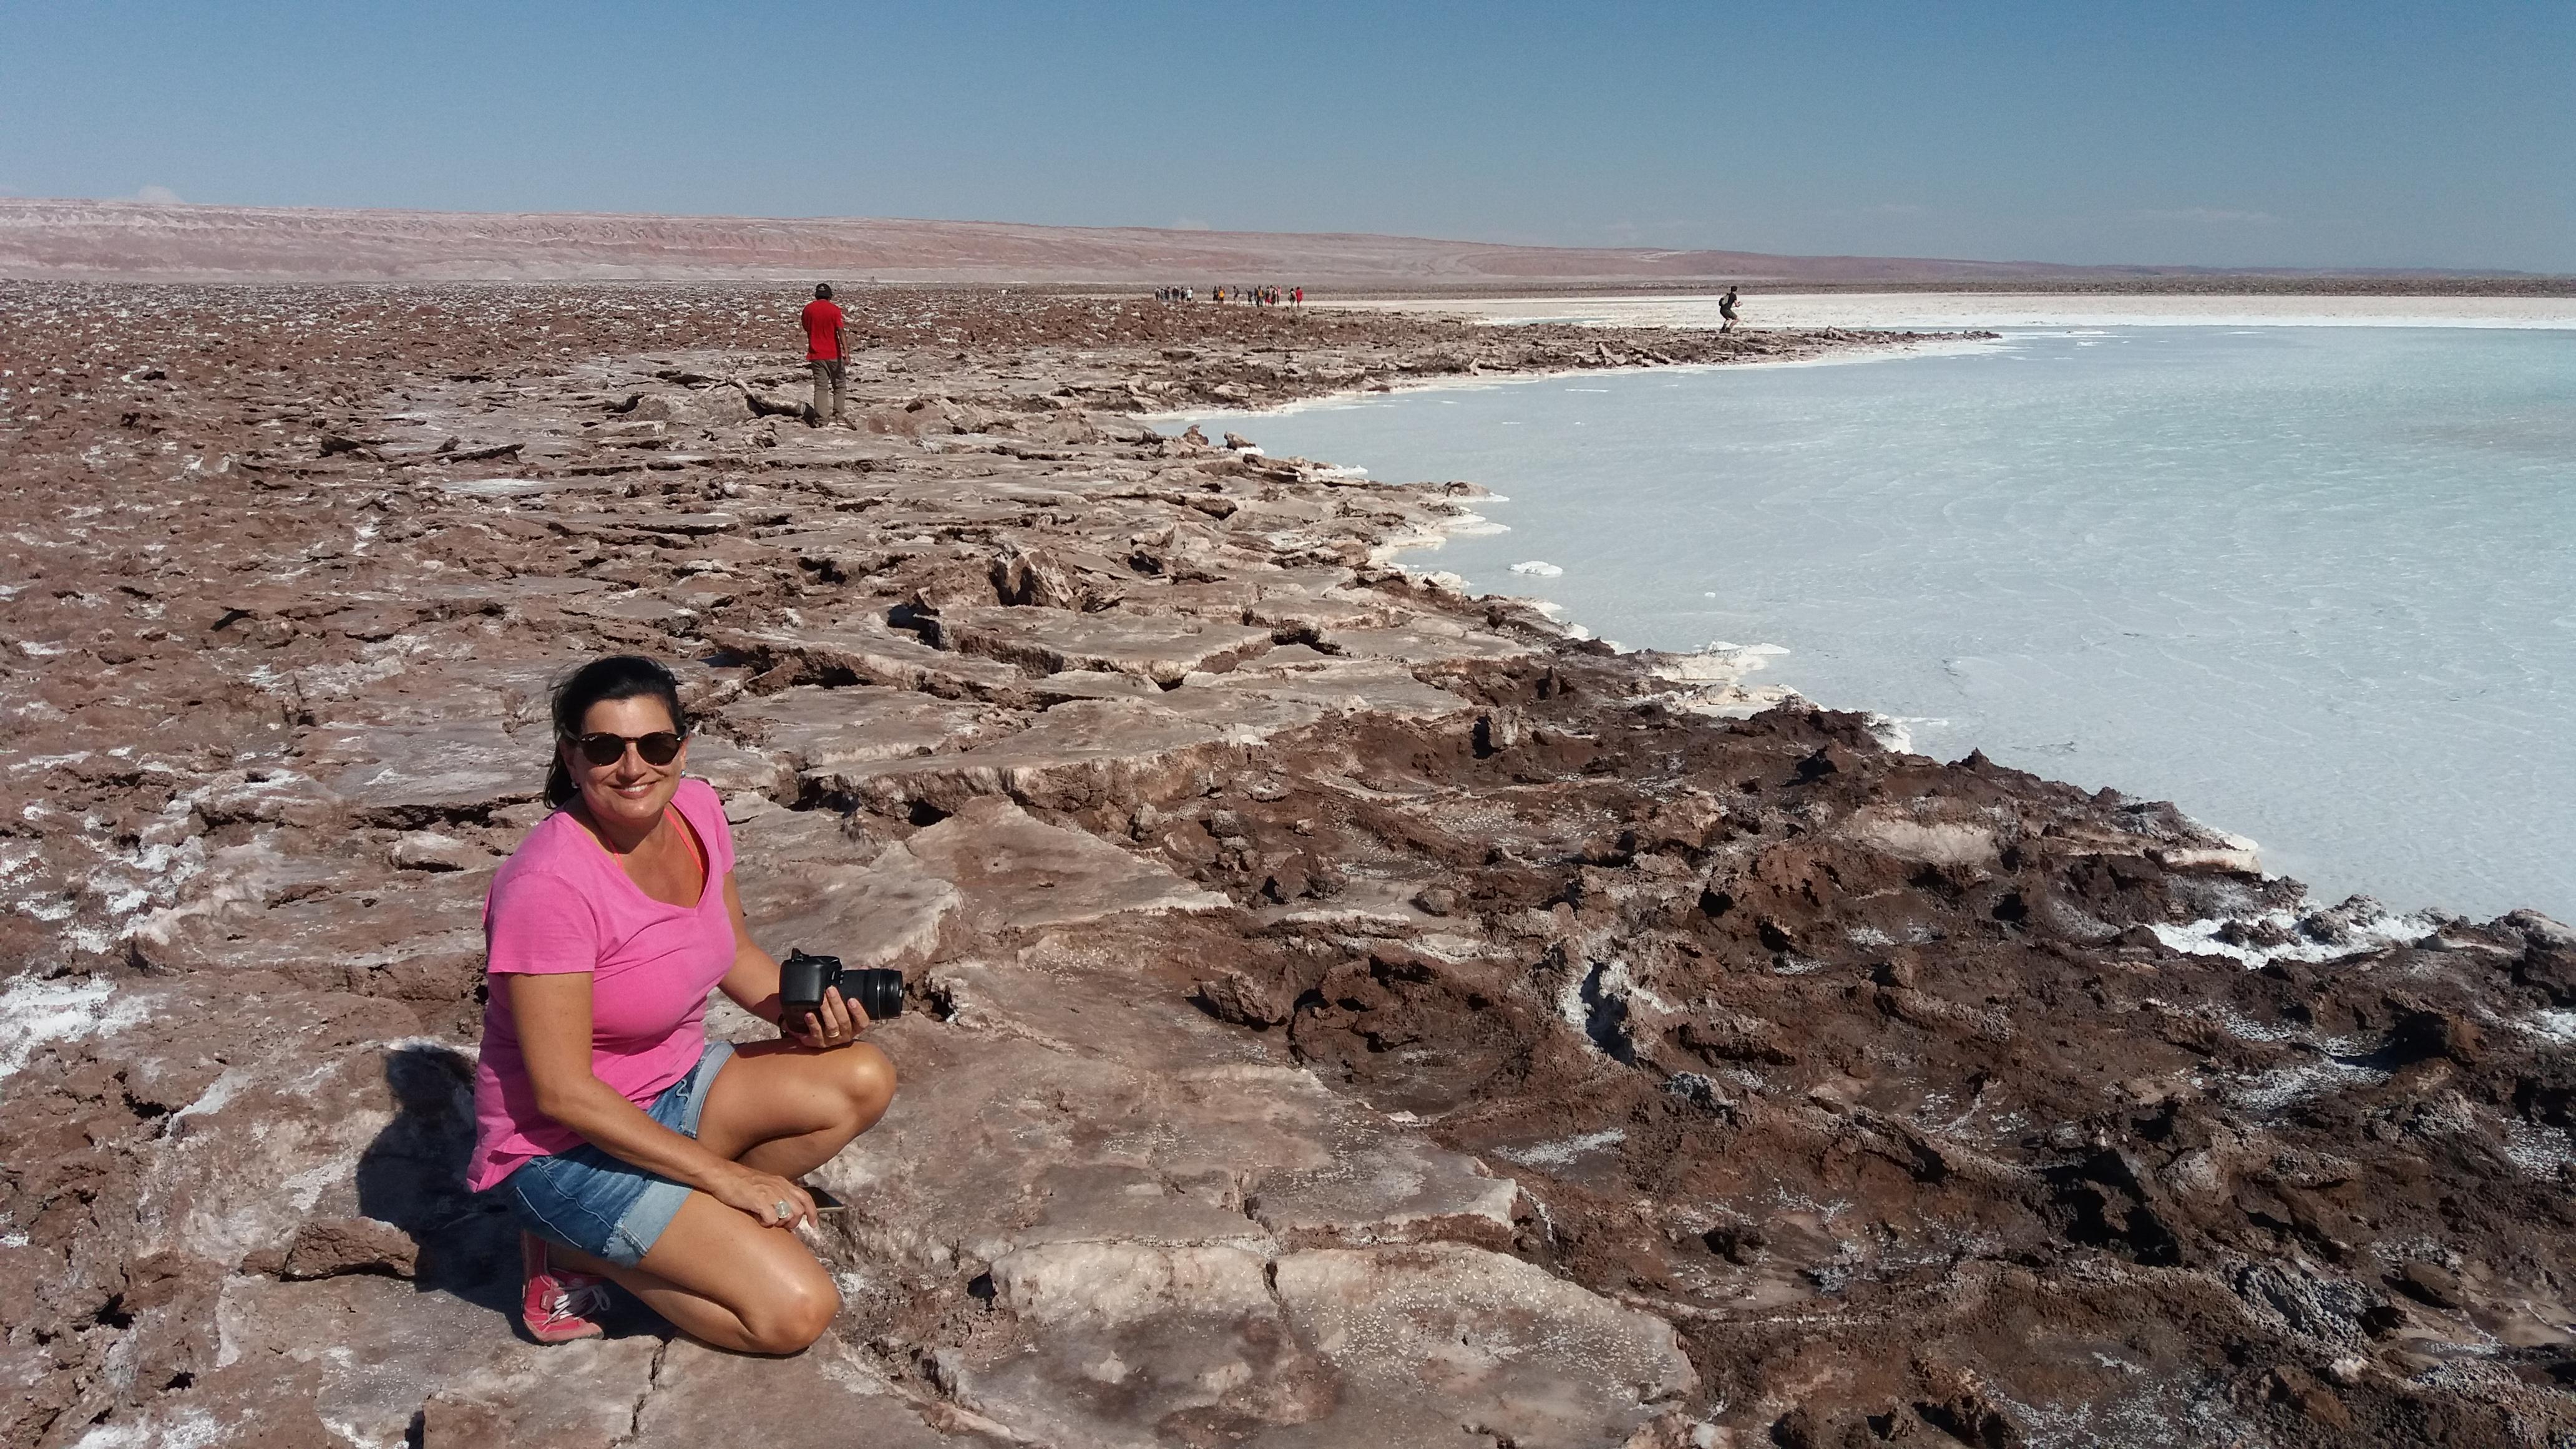 câmbio no Atacama